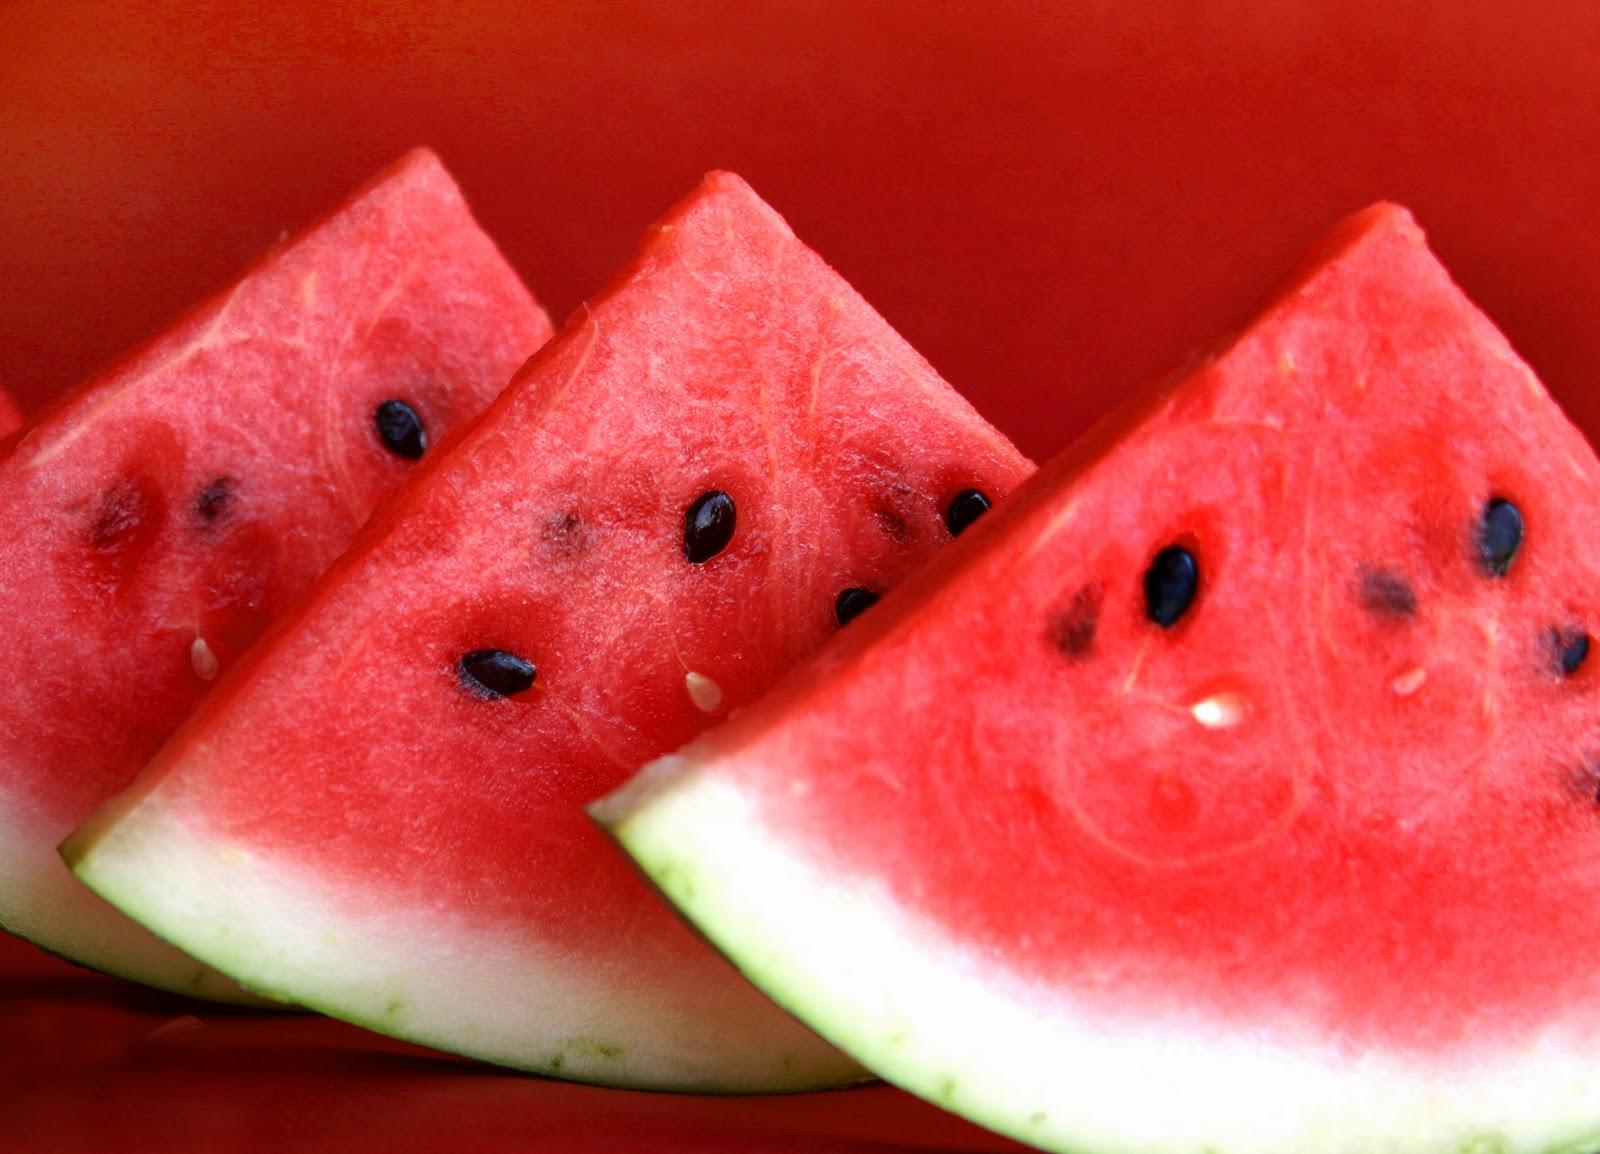 Manfaat Buah Semangka Bagi Kesehatan